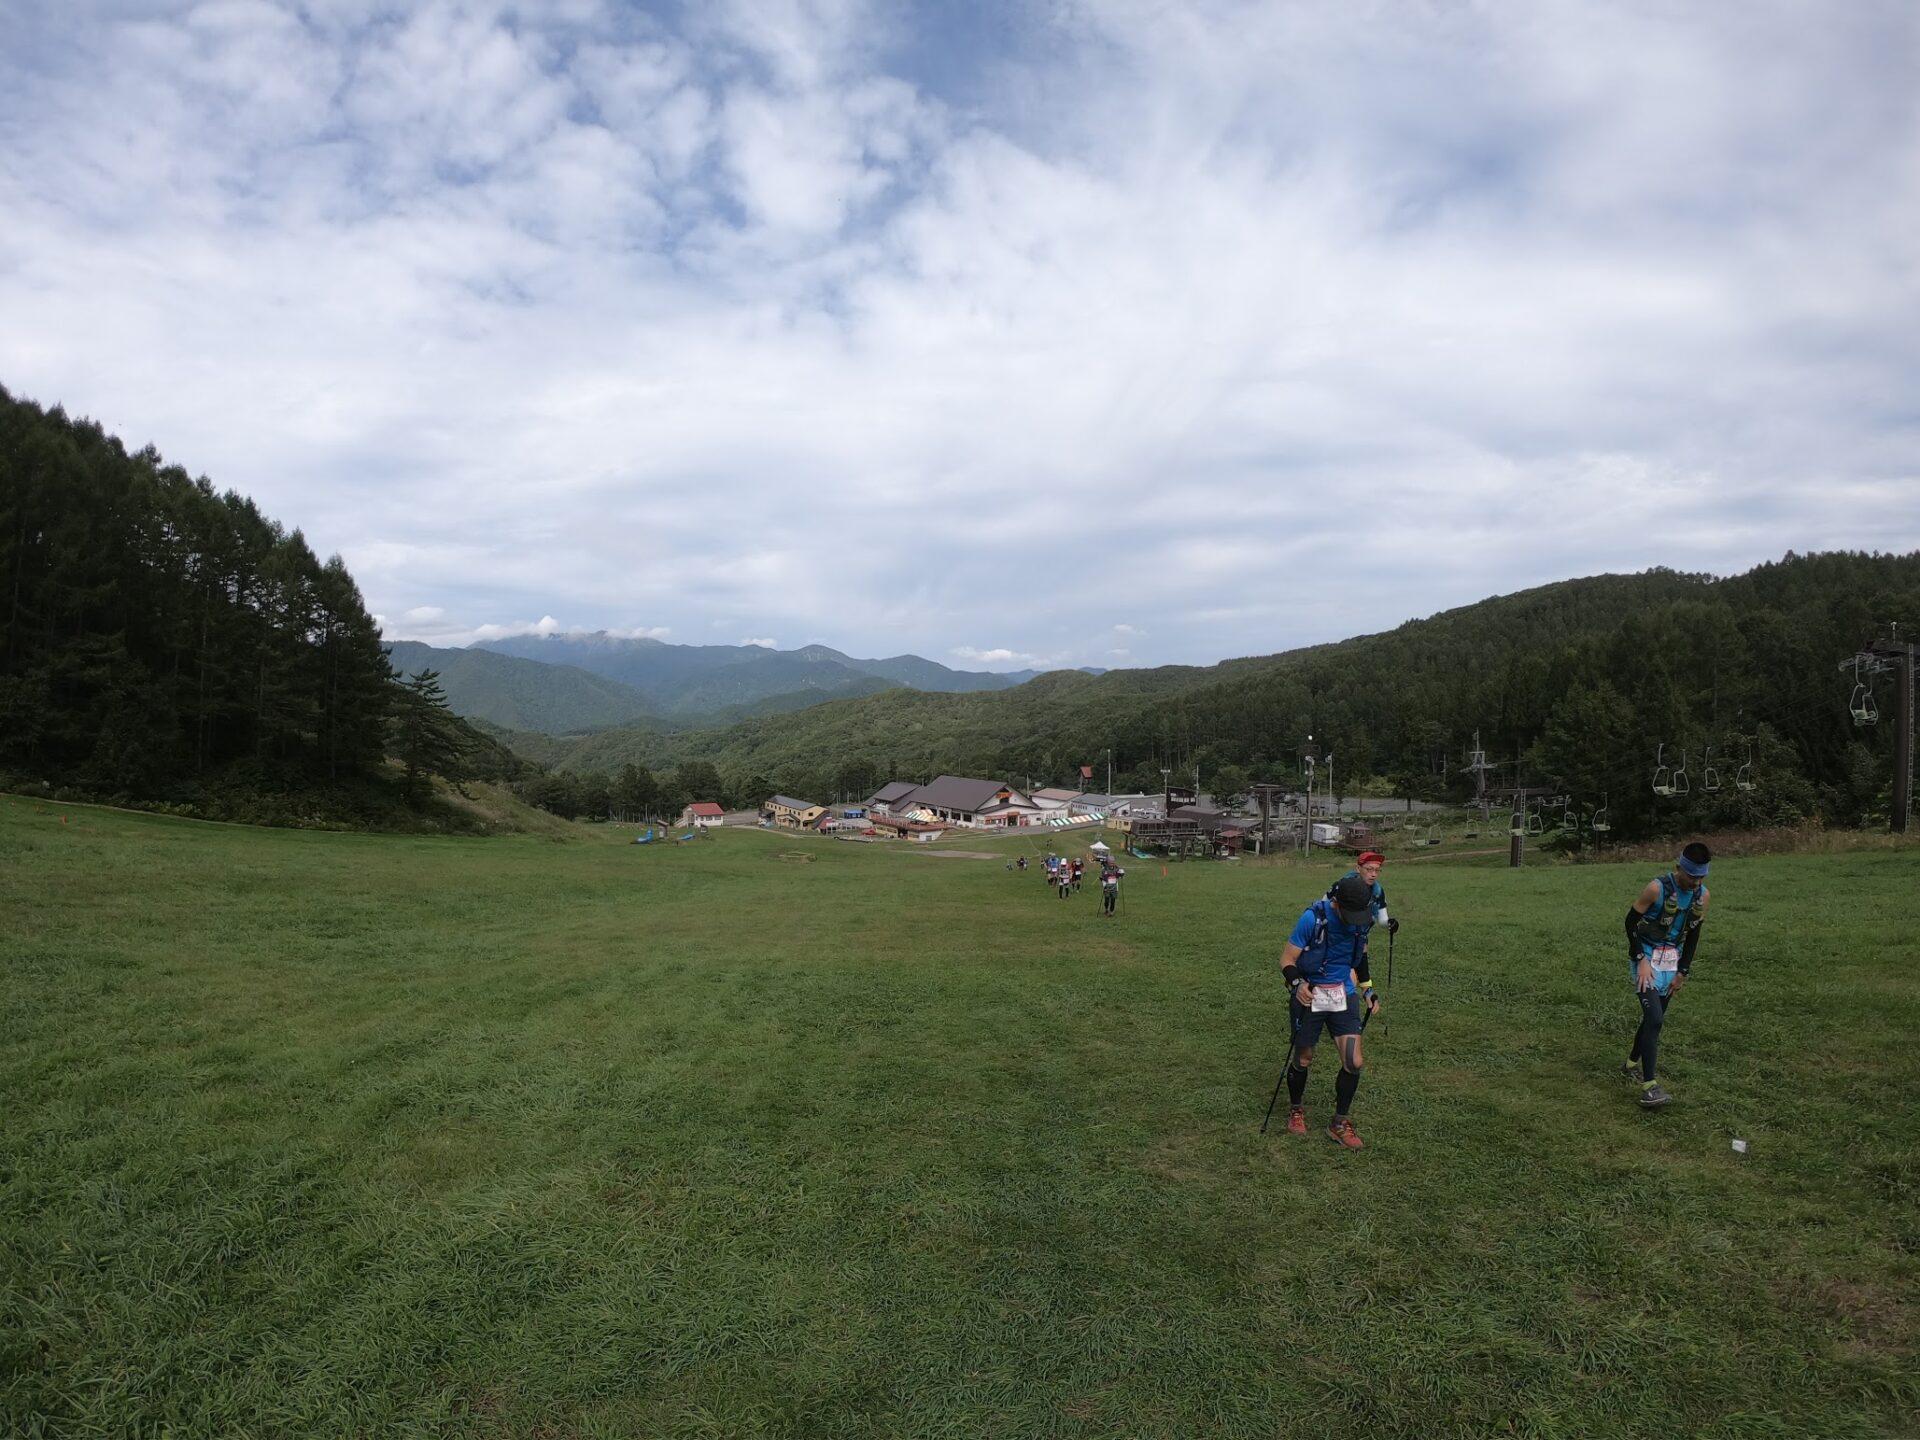 上州武尊山スカイビュートレイル 川場スキー場を逆走で登る